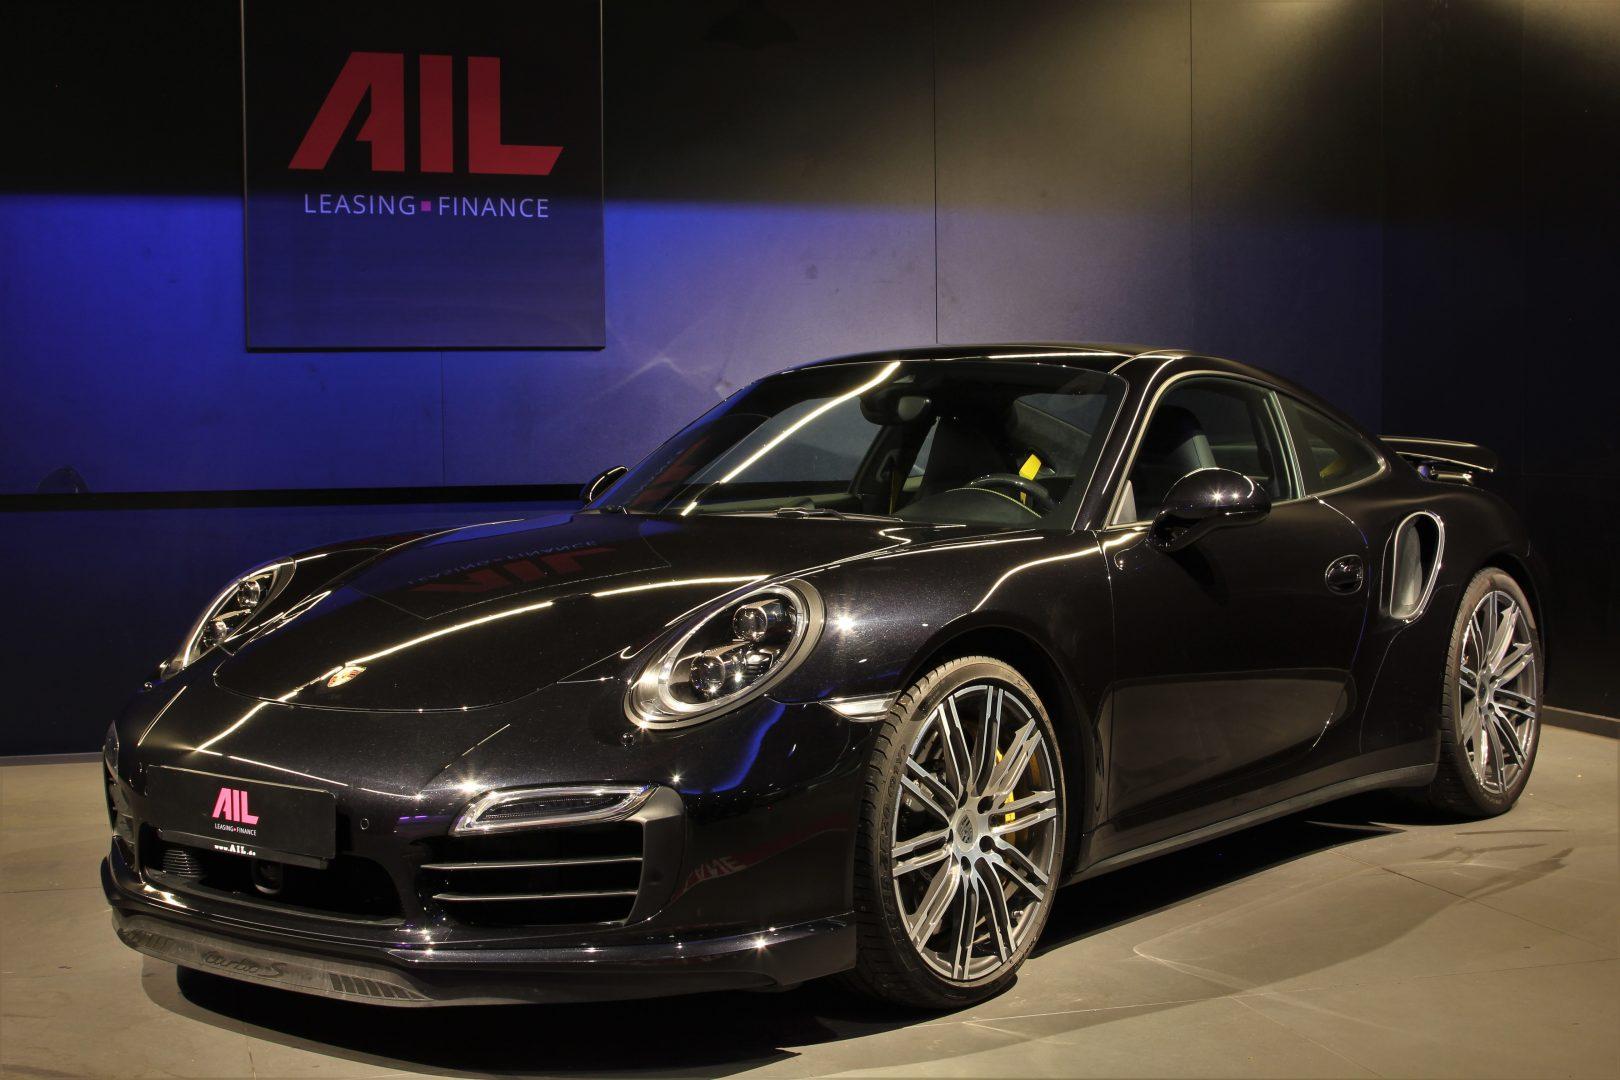 AIL Porsche 911 991 Turbo S Carbon Paket PCCB 13